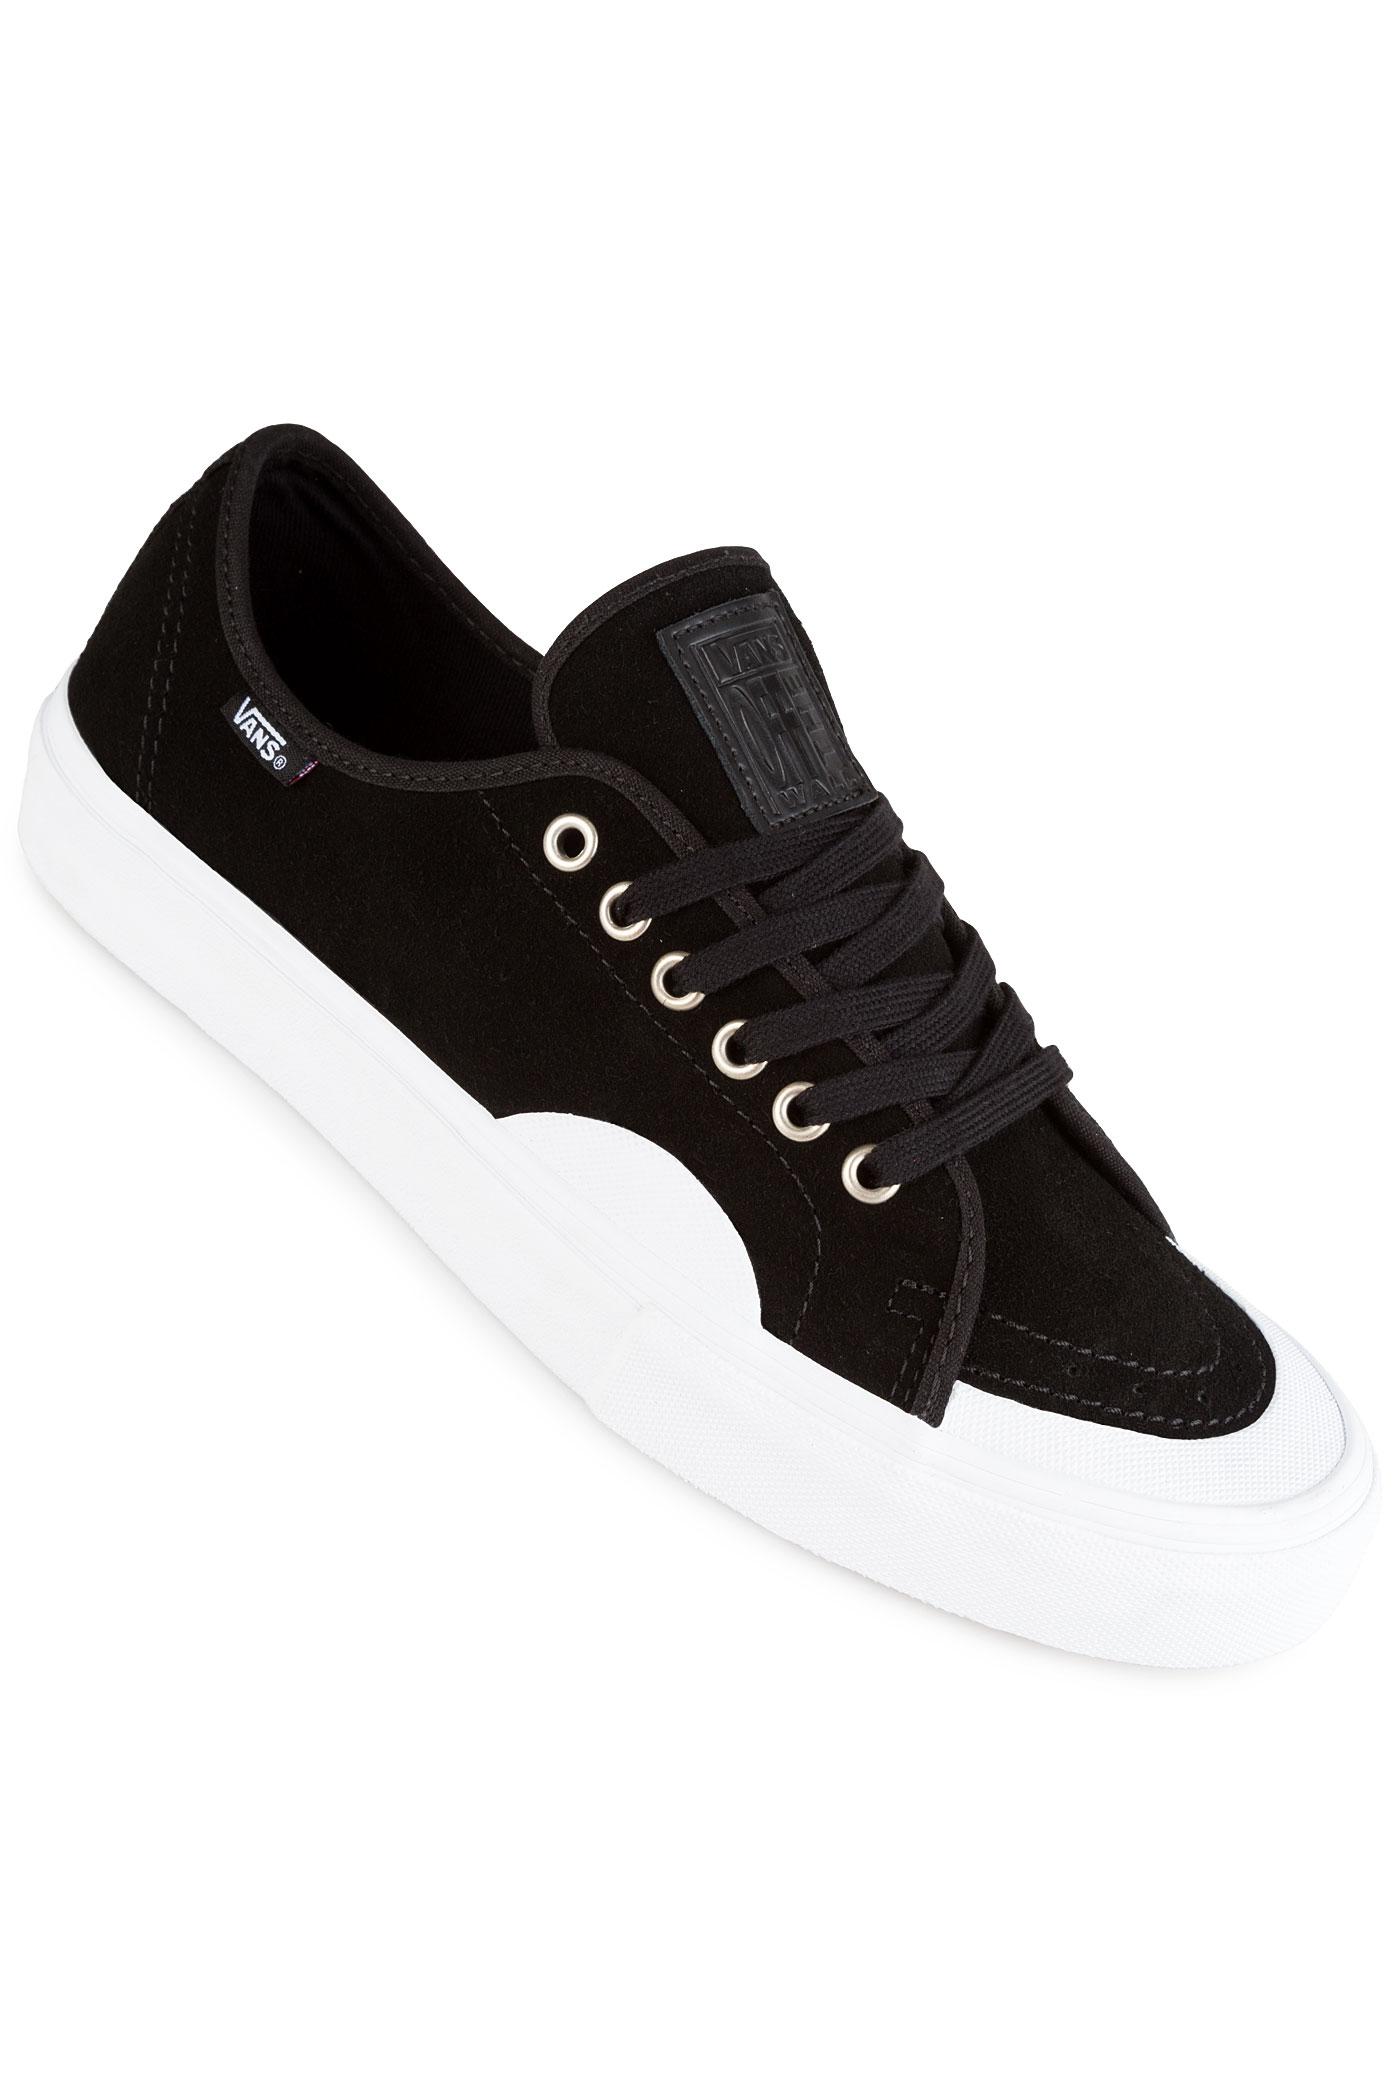 262af200dc3 Vans AV Classic Shoe (rubber black white) buy at skatedeluxe